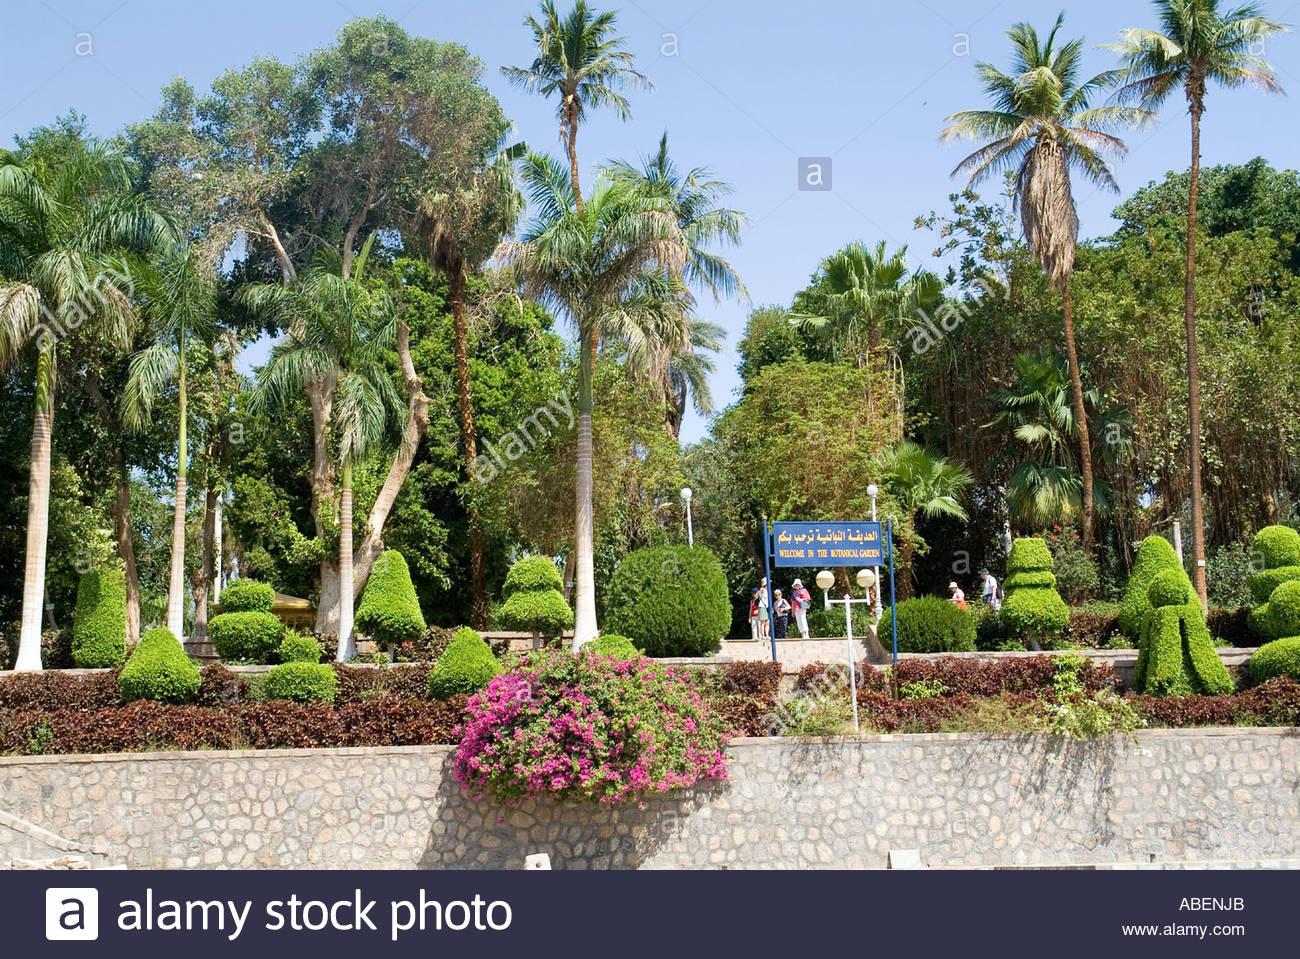 Garden Centre Kitchener Egyptian Gardens Stock Photos Egyptian Gardens Stock Images